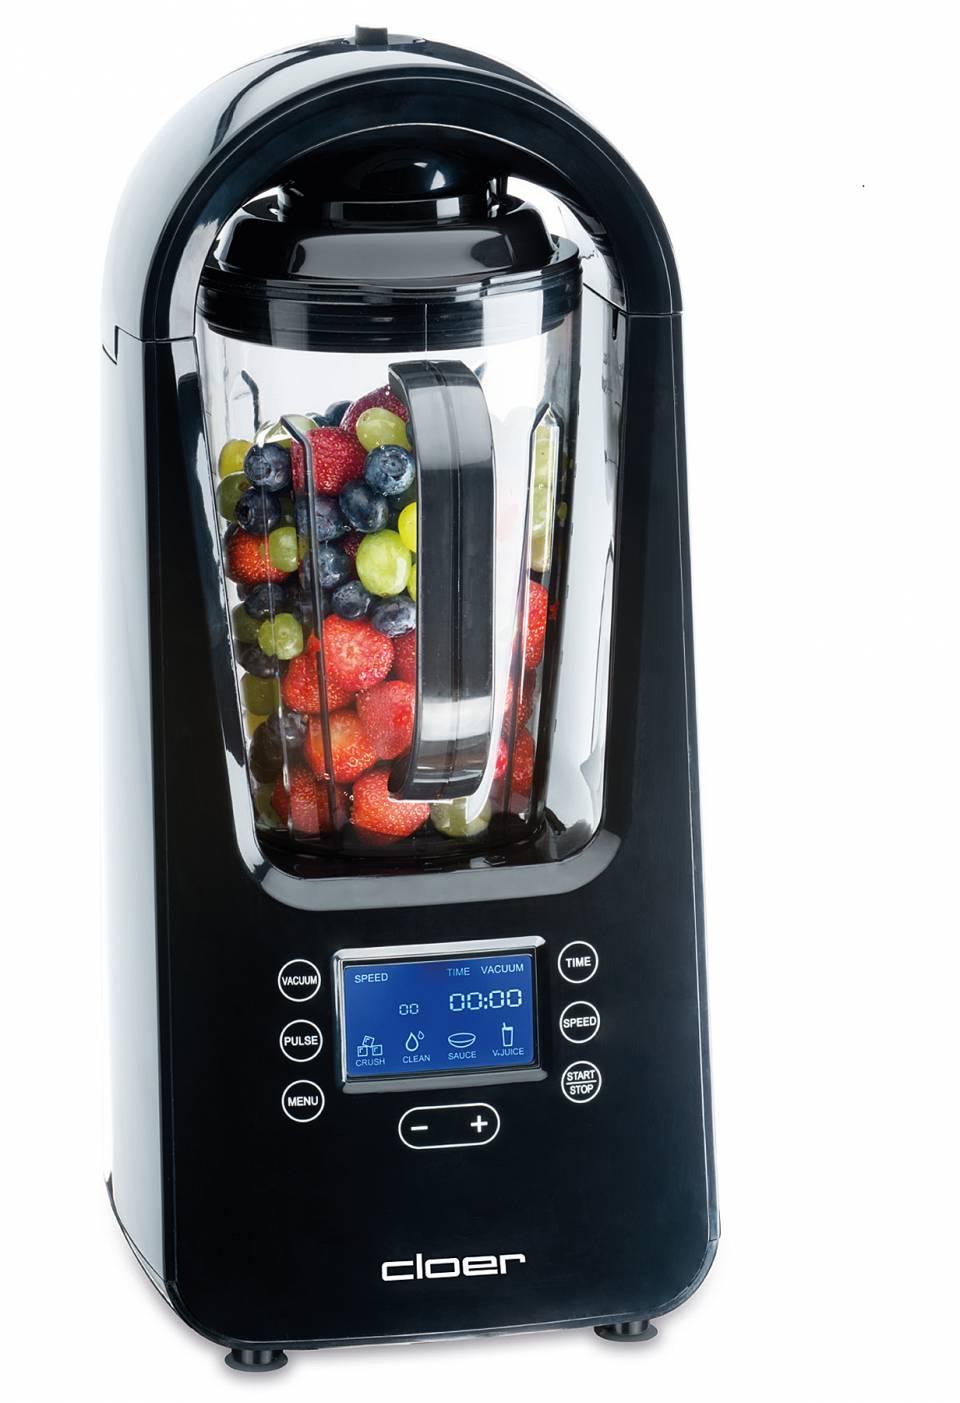 Cloer Vakuum Standmixer 6980 mit Eis-Crush-Funktion.